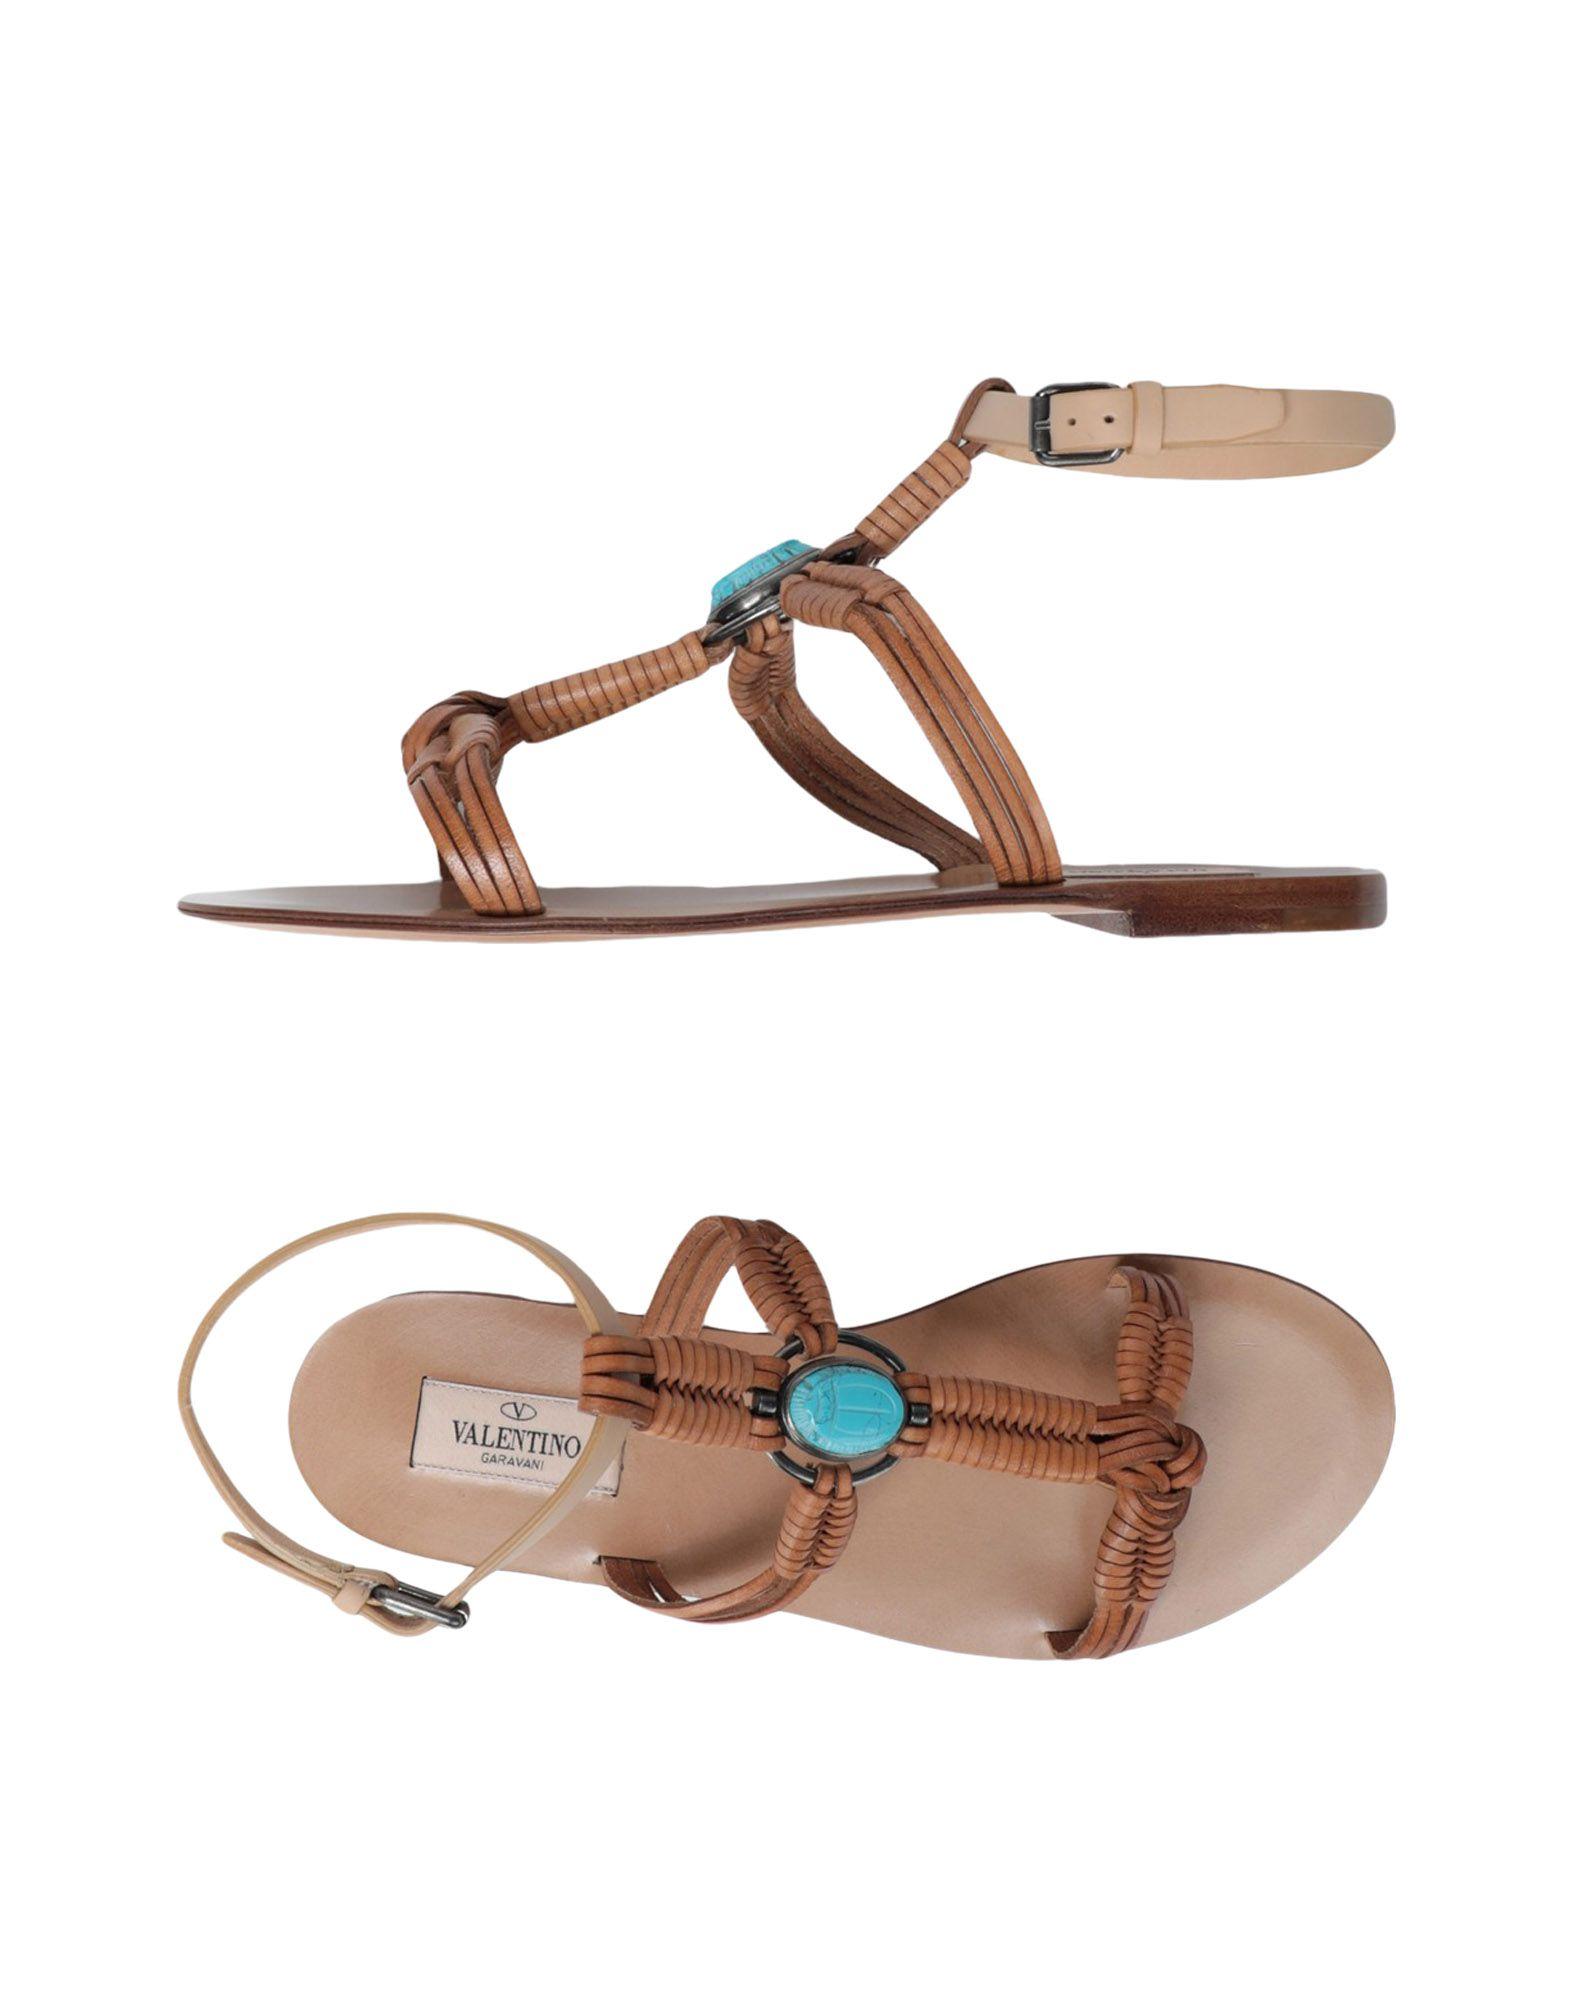 Valentino Garavani Sandals Sandals - Women Valentino Garavani Sandals Sandals online on  Canada - 11471561PU 798903